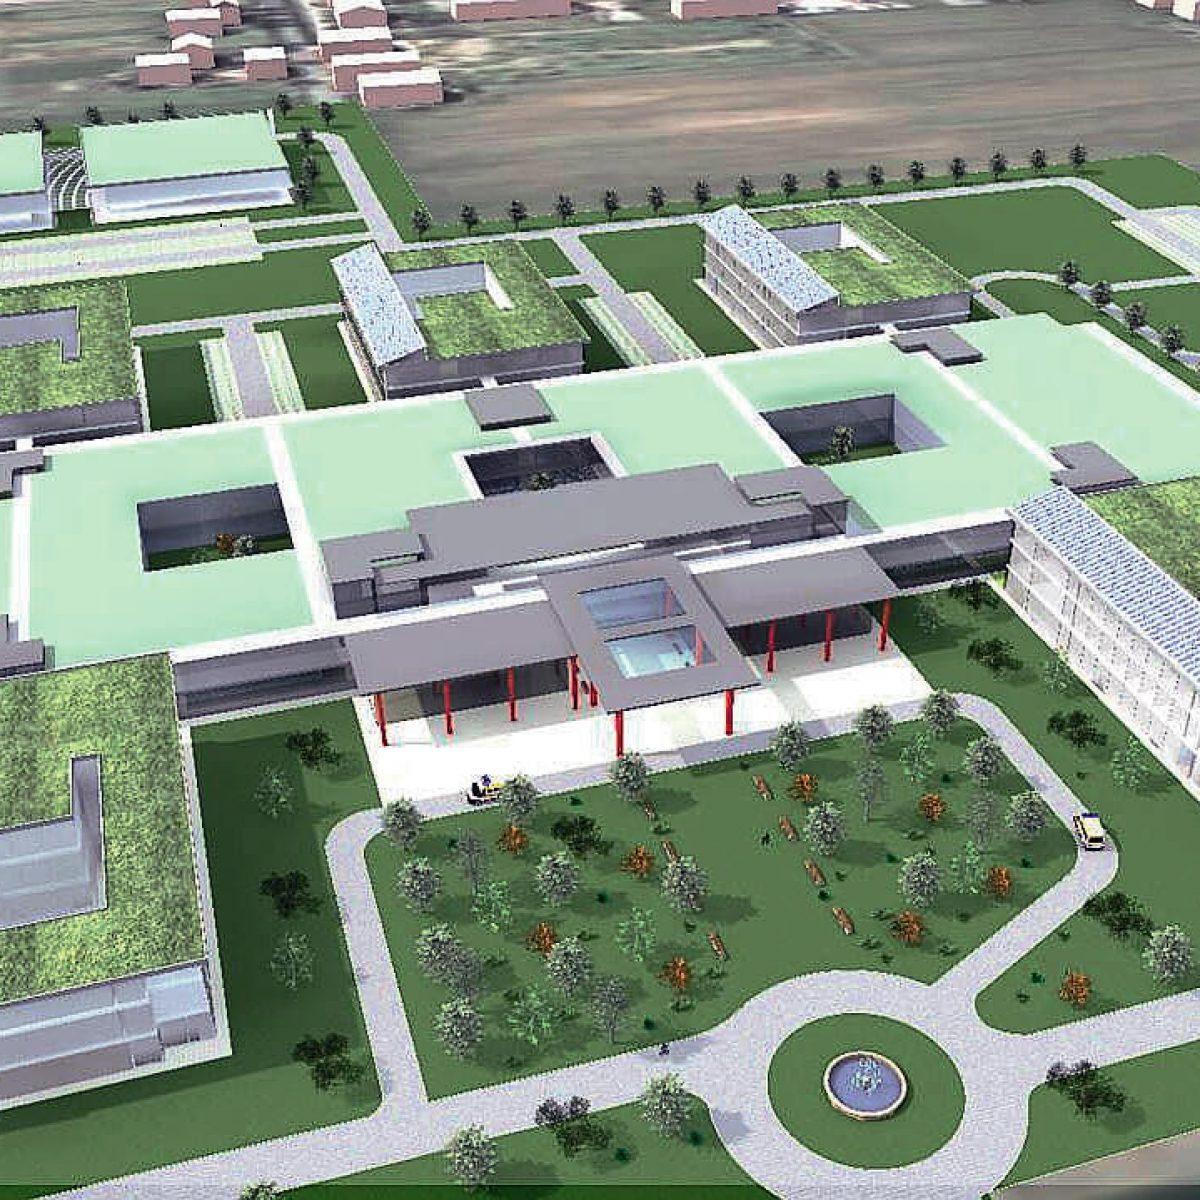 Progetto nuovo ospedale a Cesena, appalto a costi dimezzati